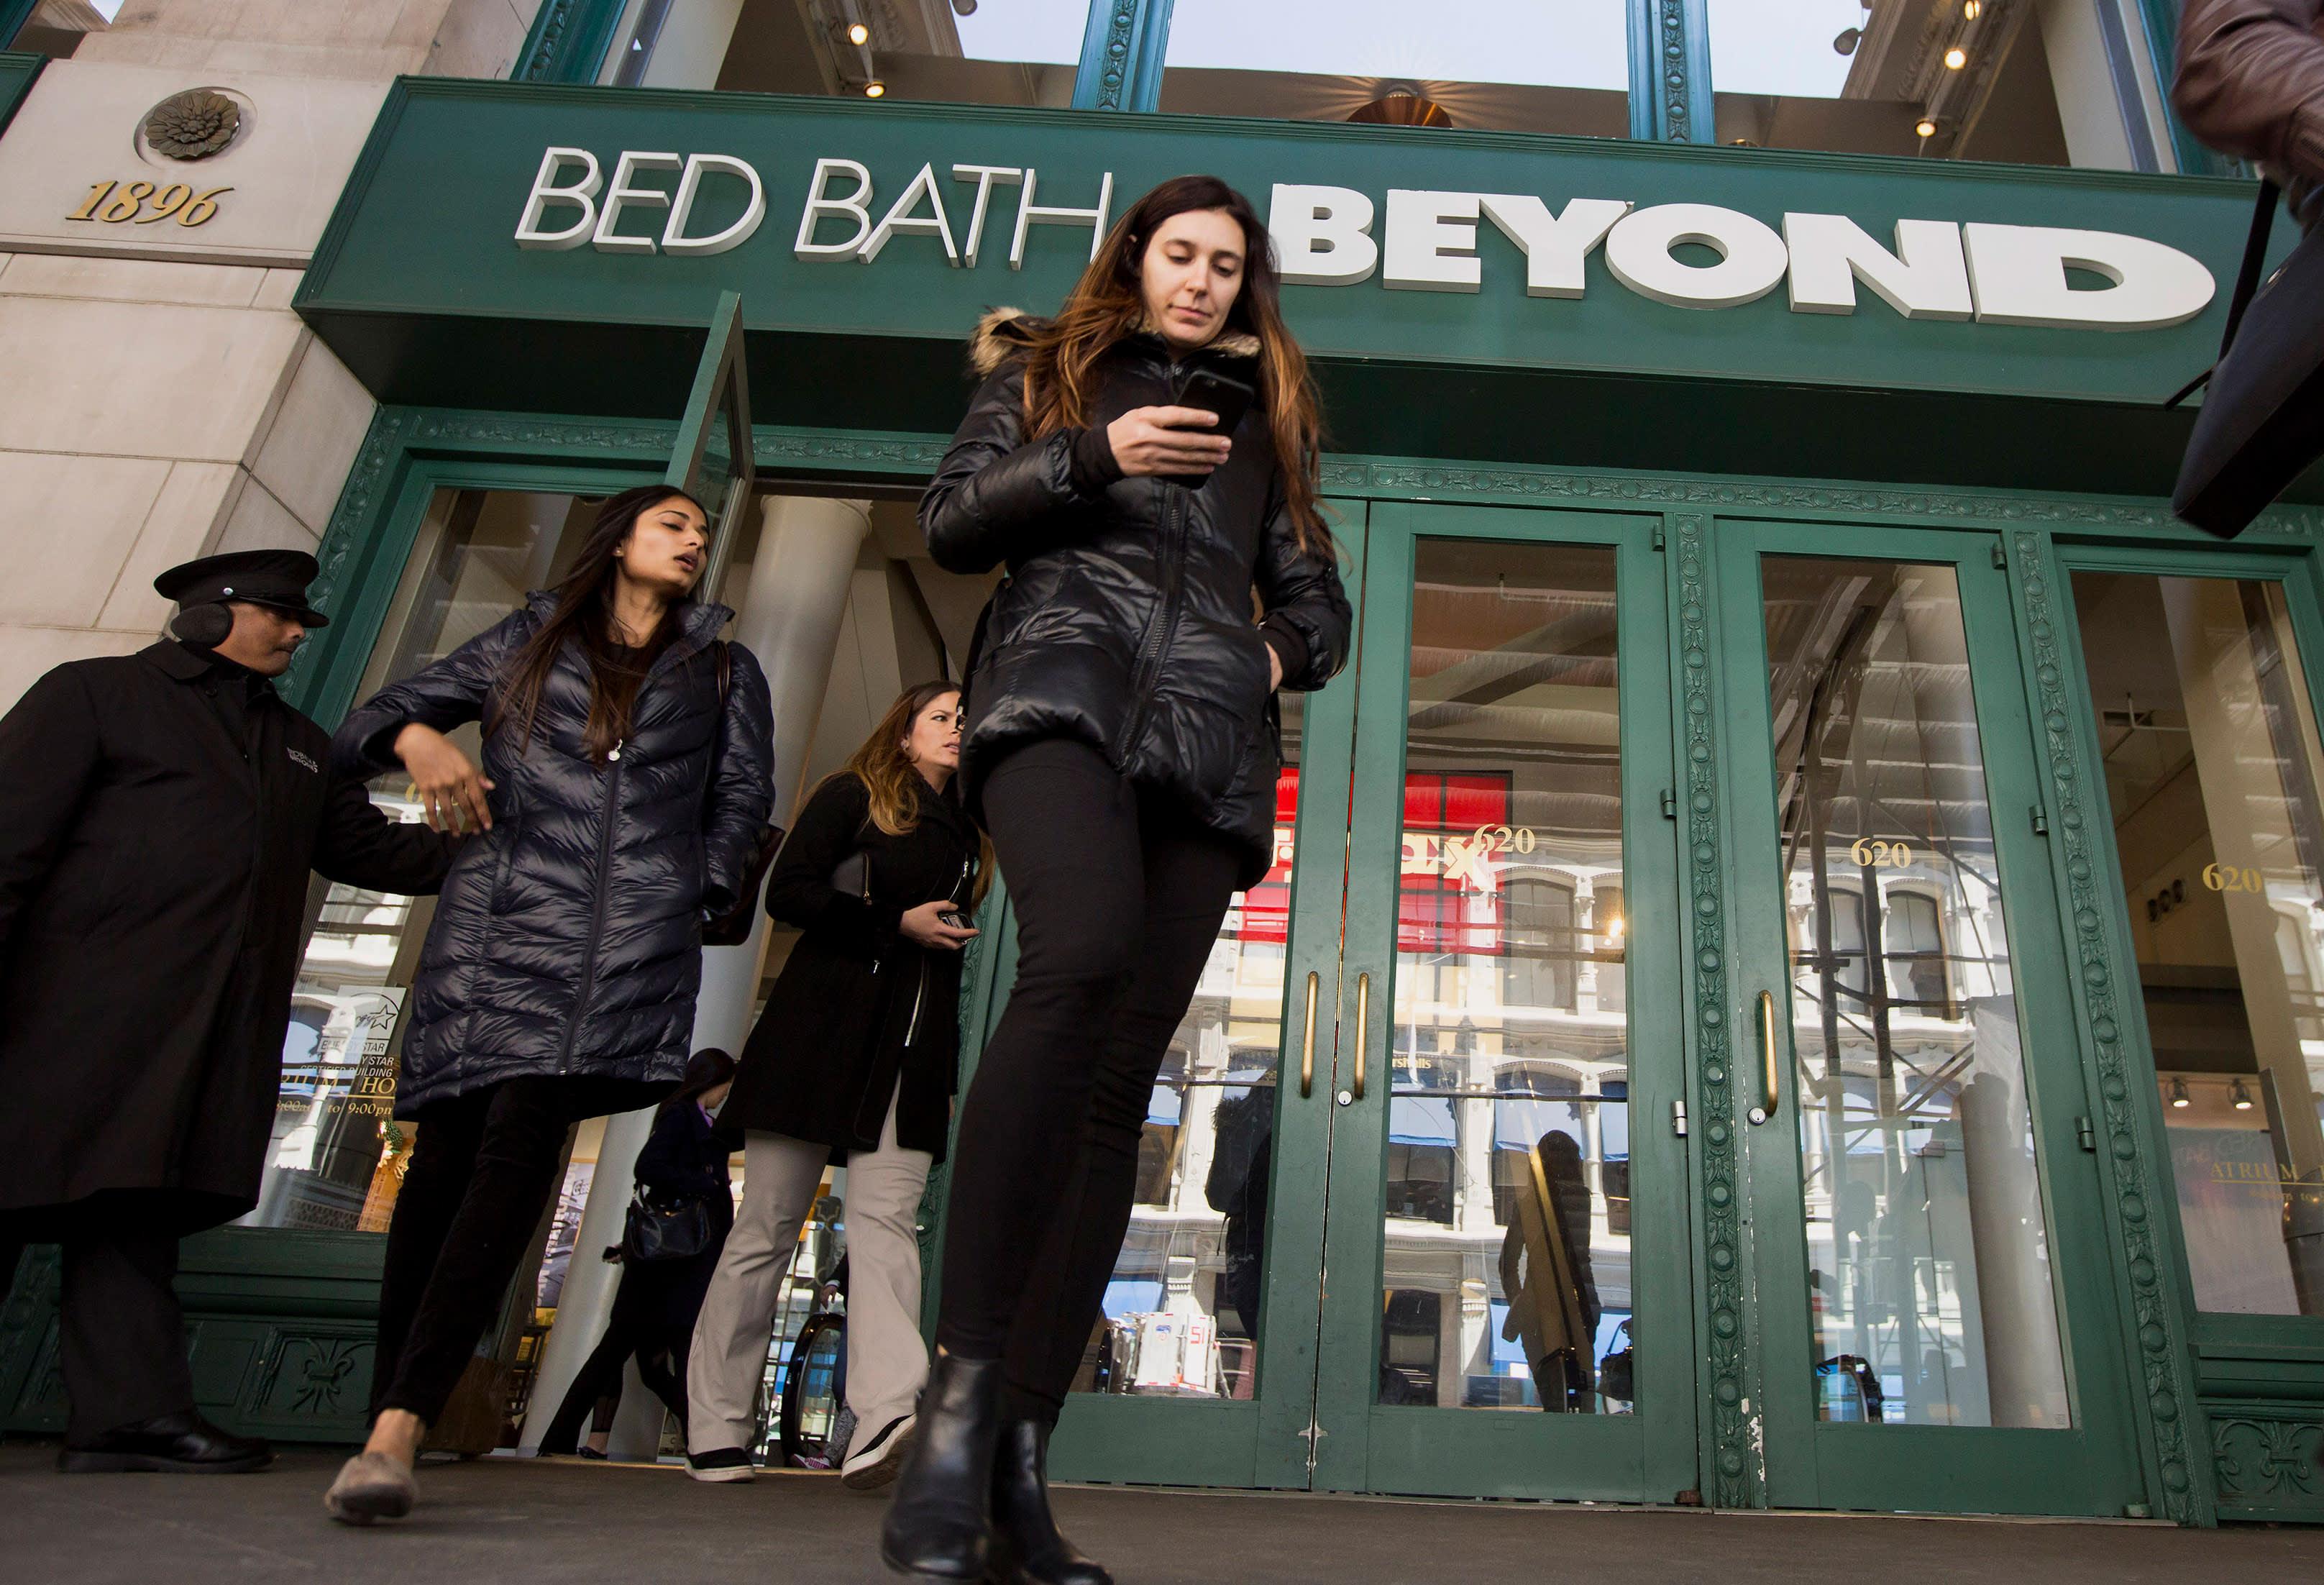 Bed Bath Beyond To Invest 1 Billion